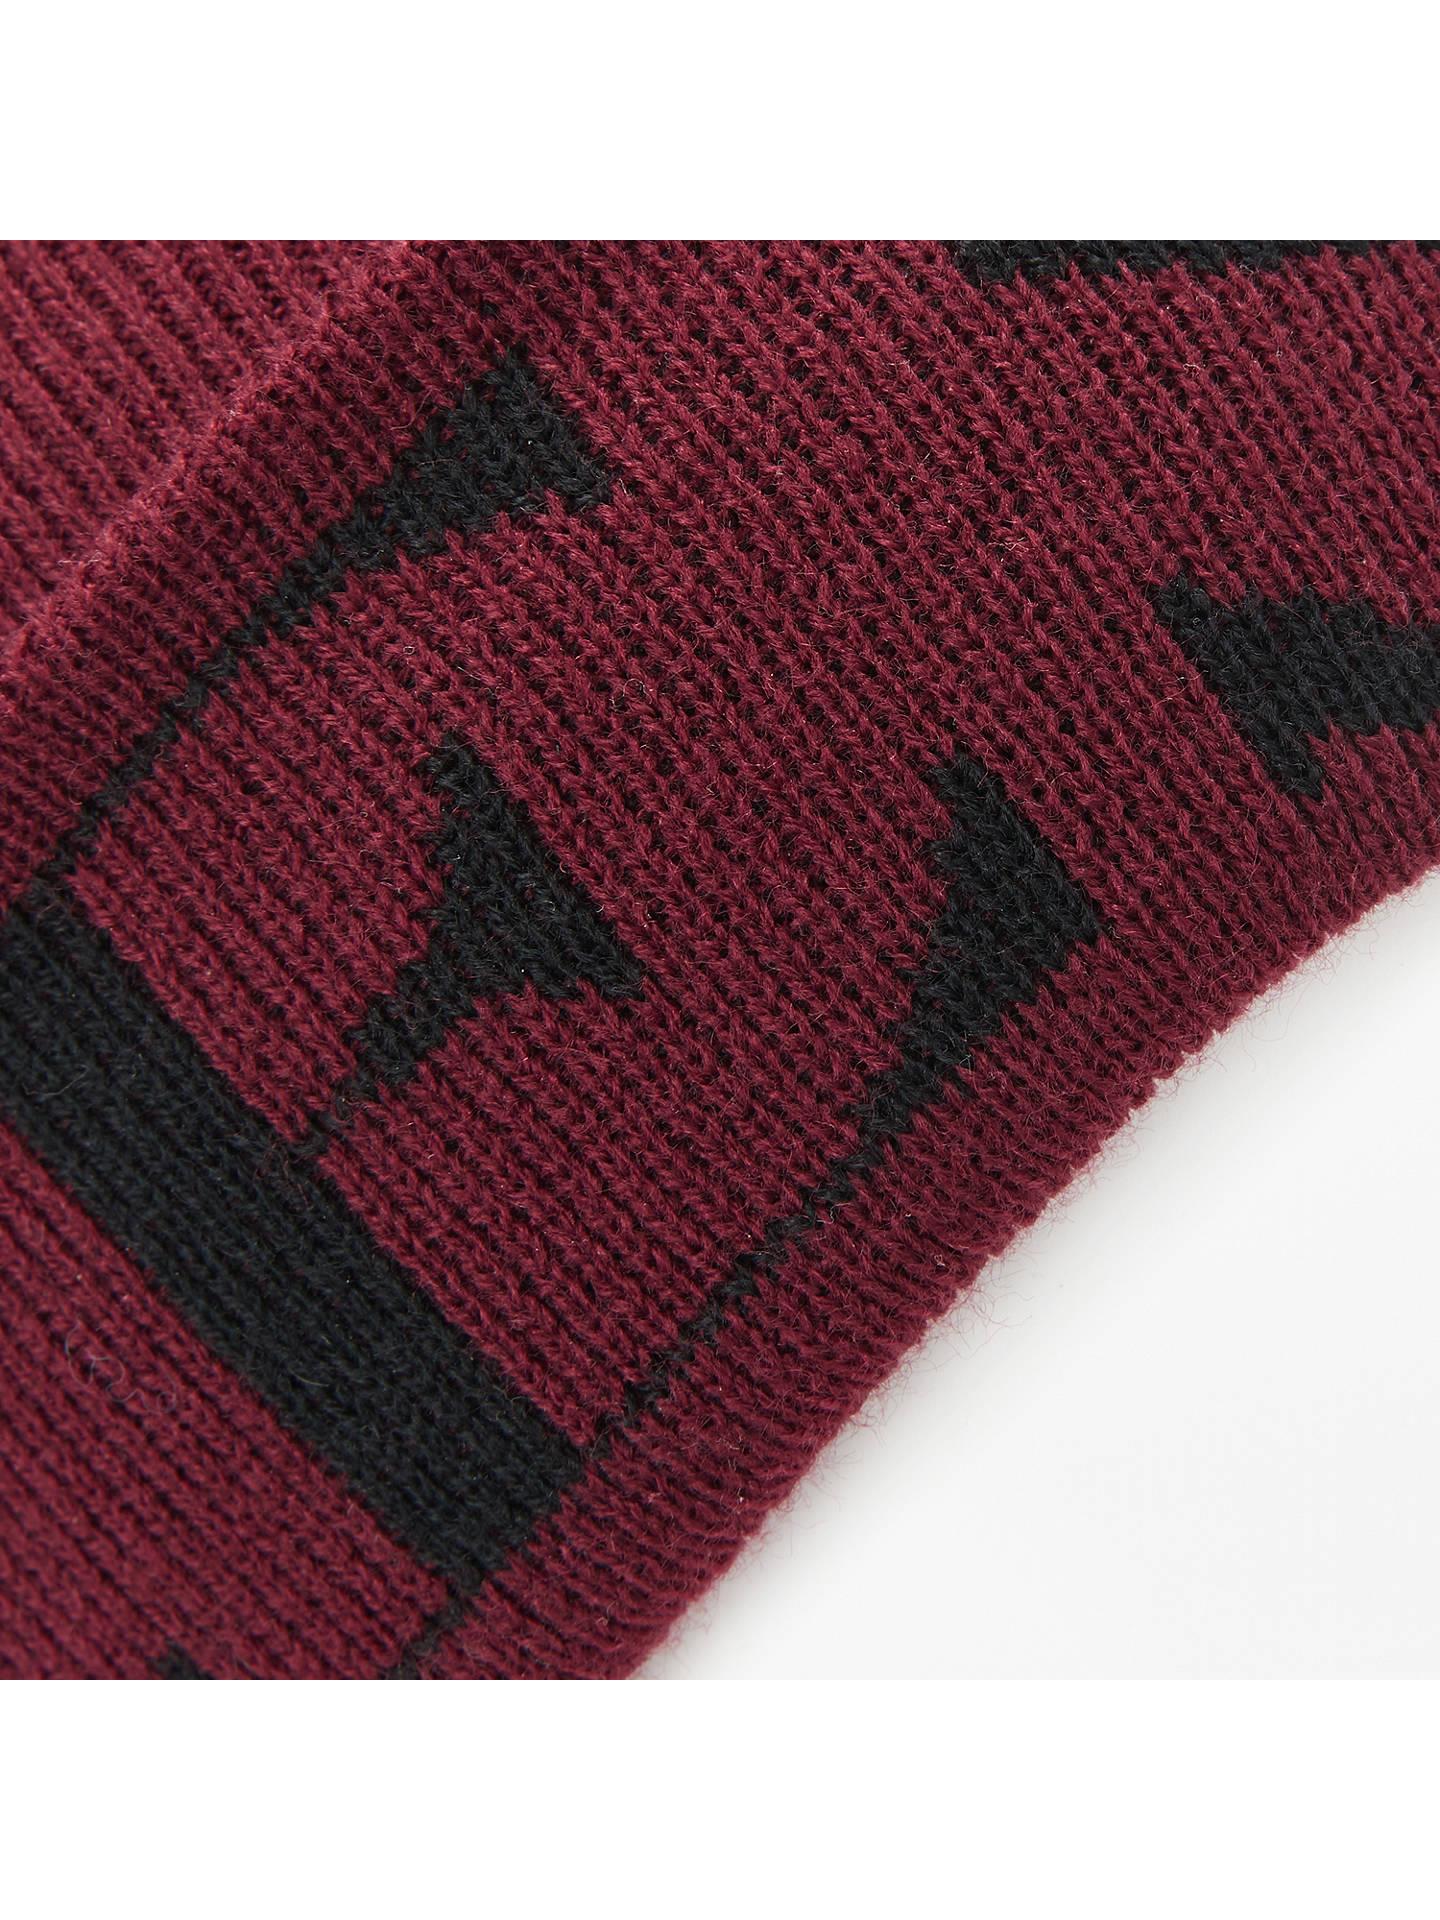 06236a8561d ... Buy Les Deux Fan Beanie Hat